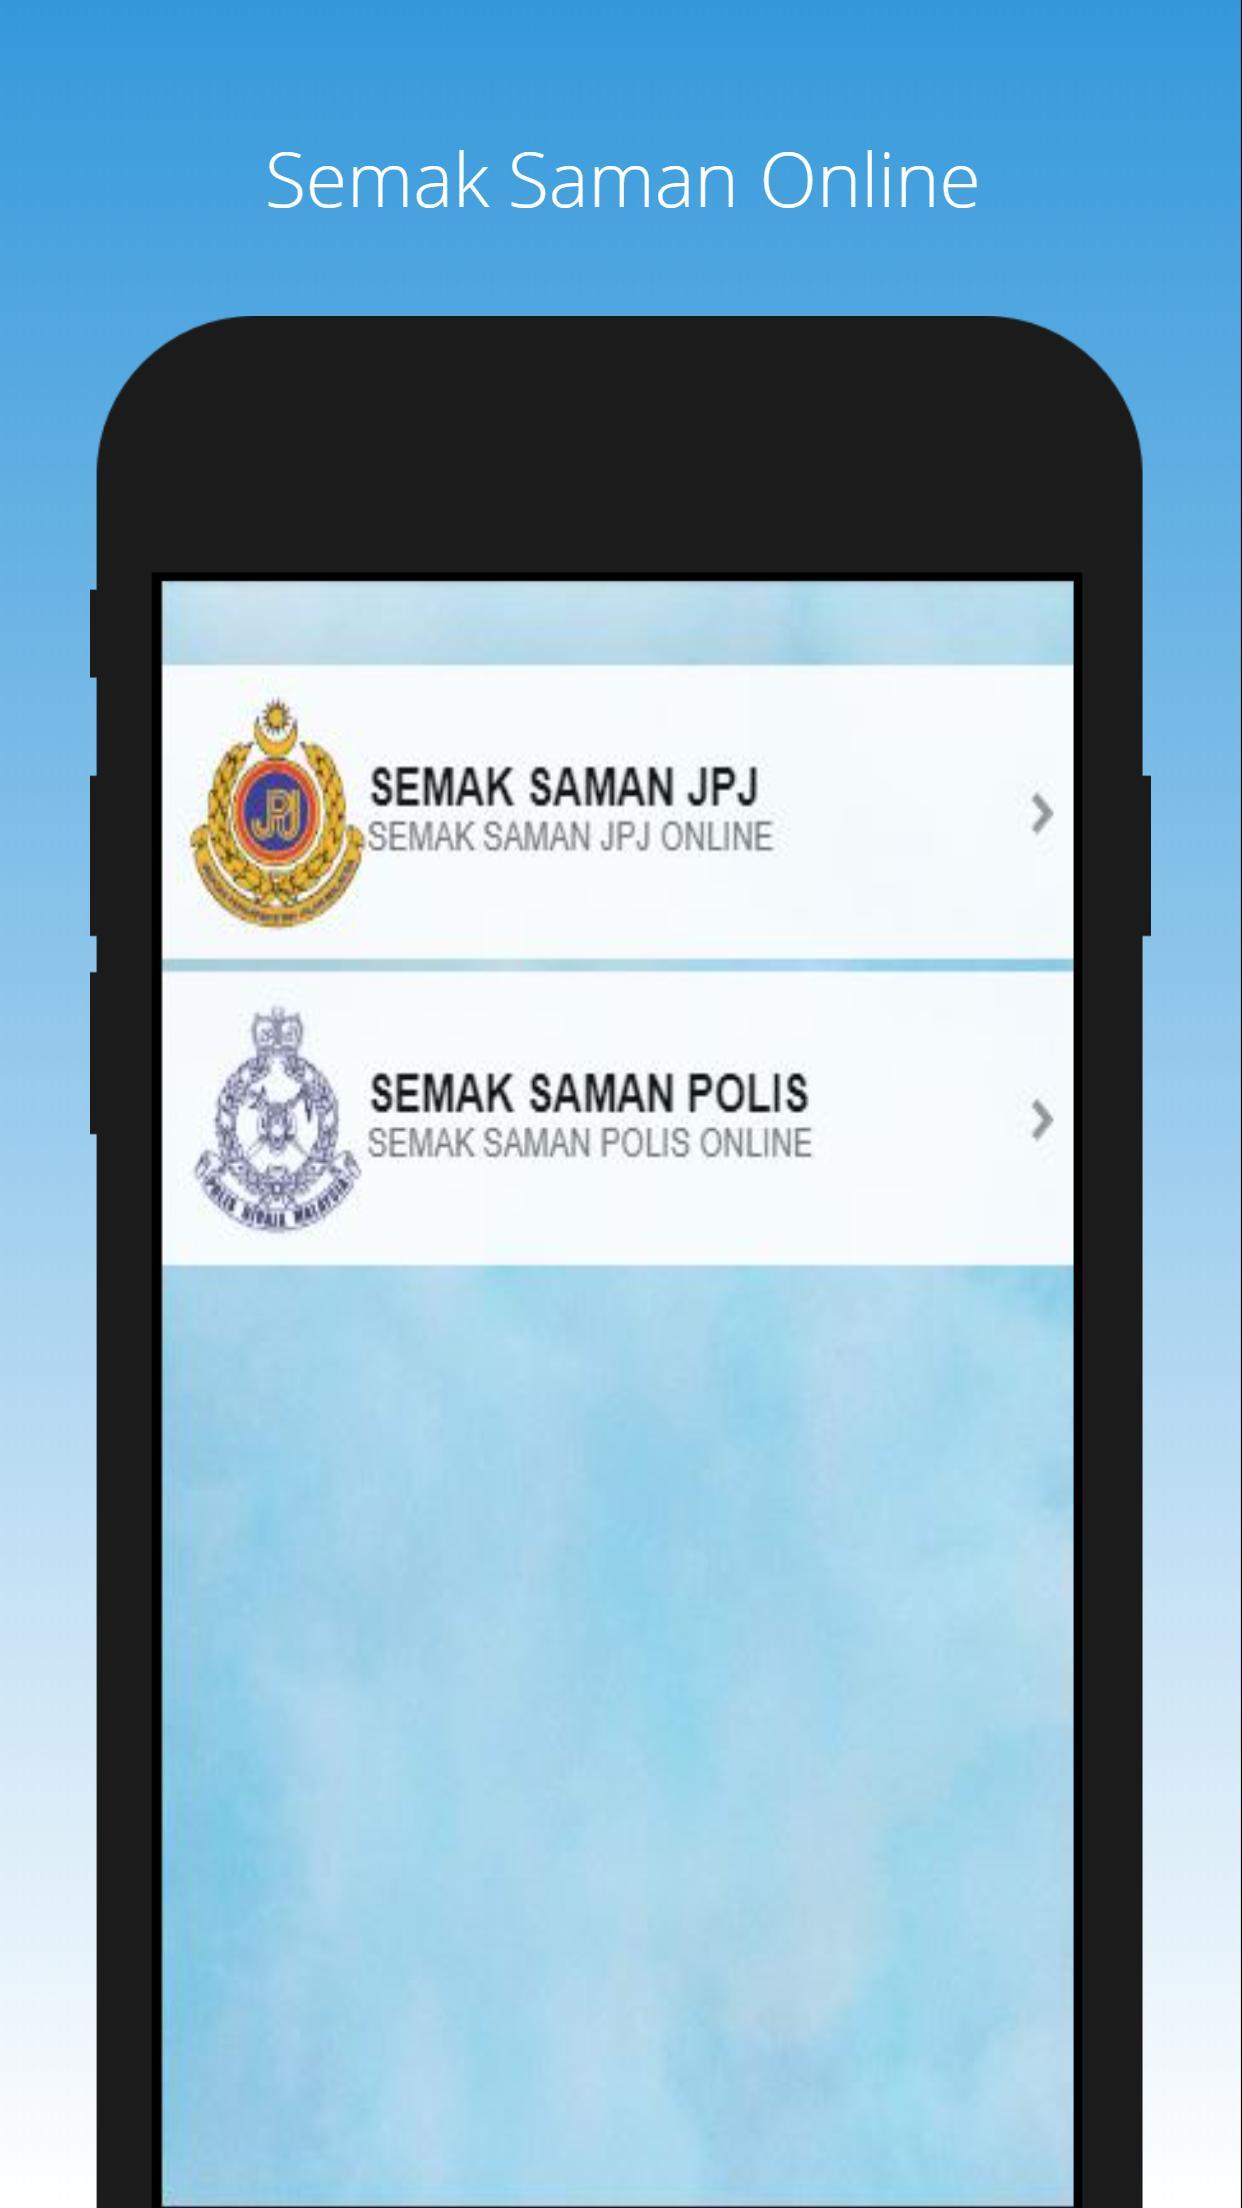 Semak Saman Polis Jpj Dan Parking Online For Android Apk Download